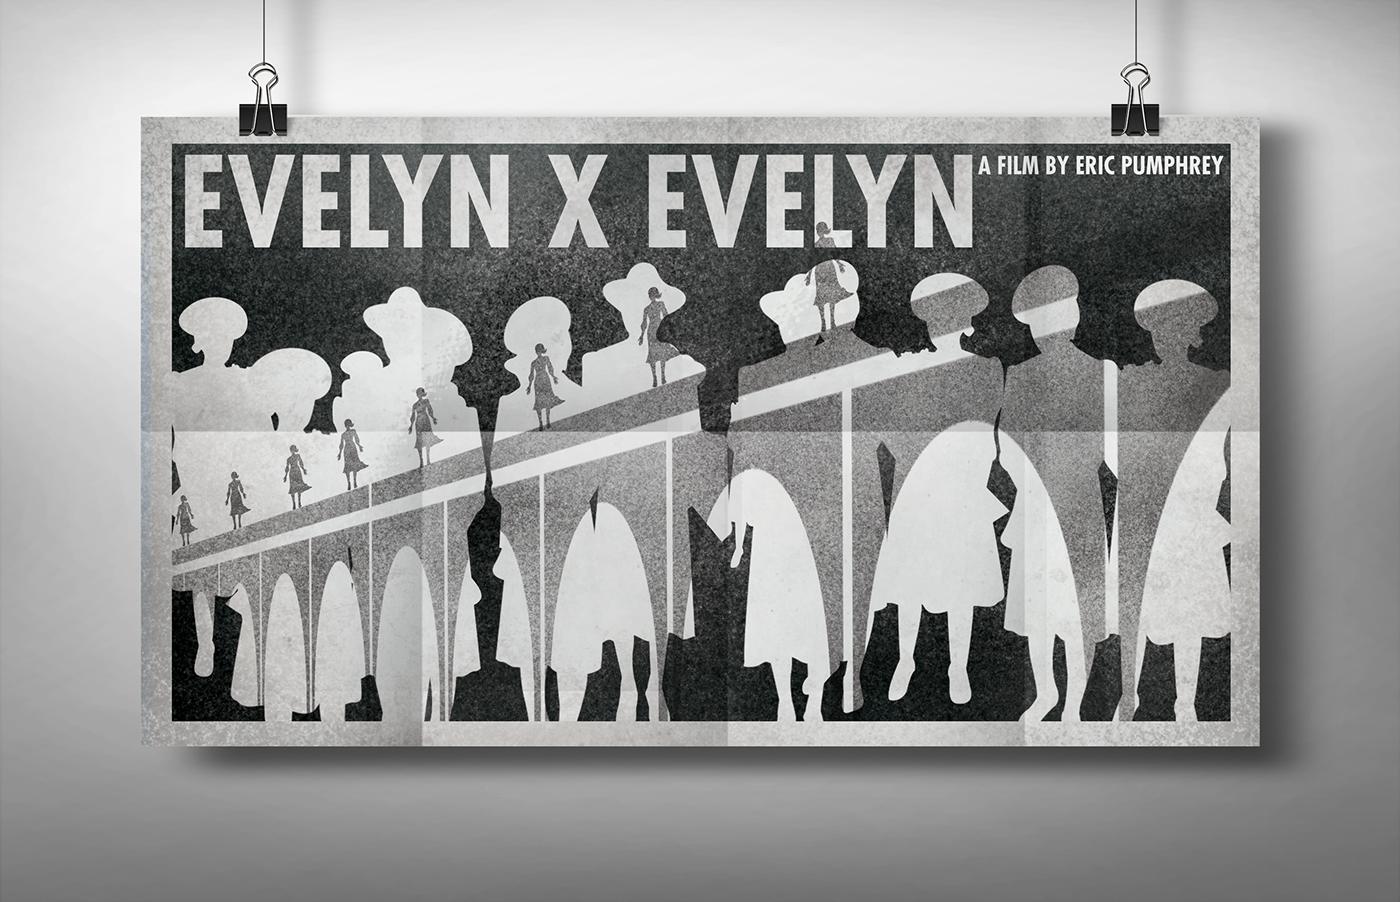 精美的22張海報文字排版欣賞